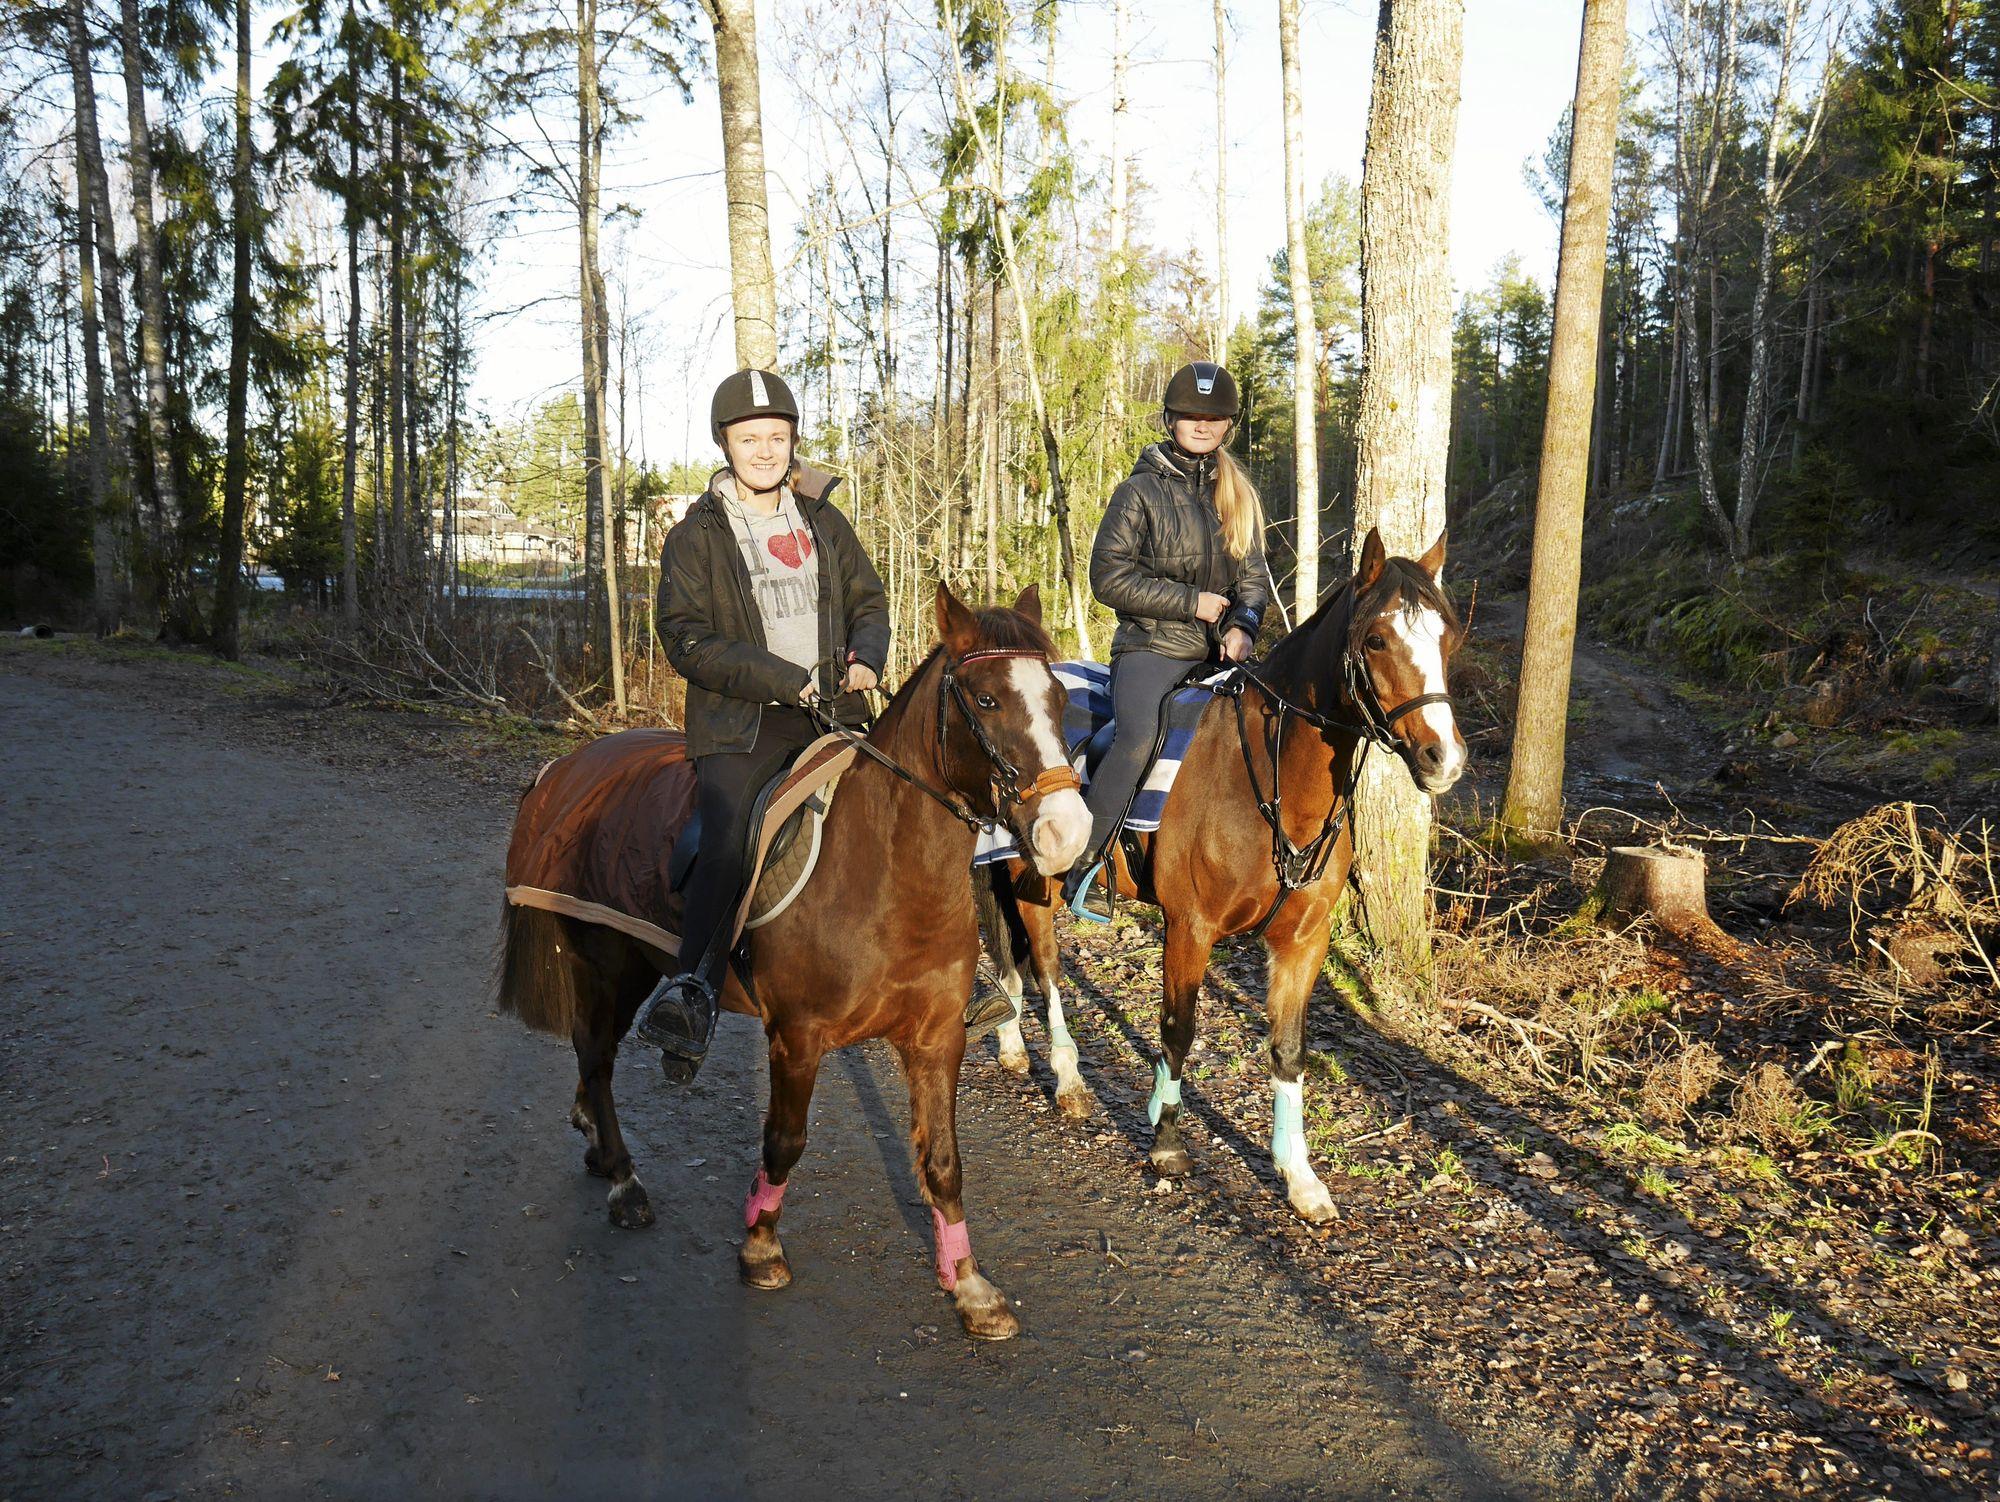 KOMMER IKKE GJENNOM: – Før kunne hestene gå opp i skogen. Nå kommer de ikke gjennom kvistene, sier Emilie Sanders og Natalie Bay.